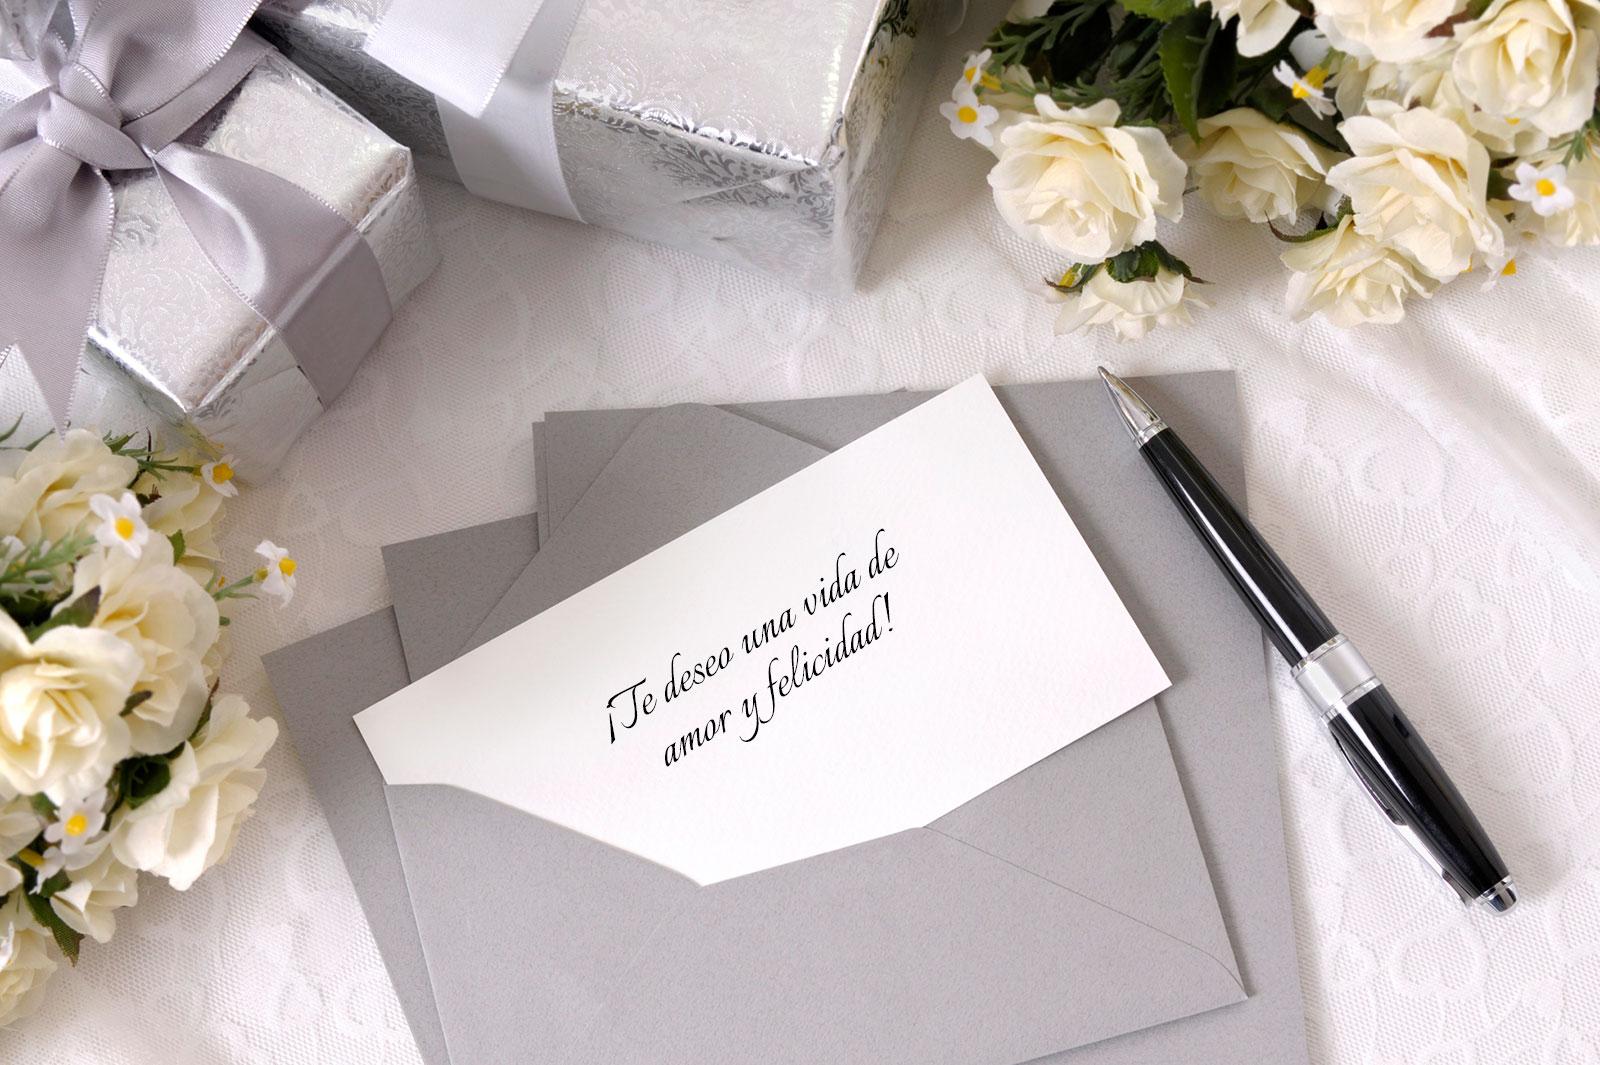 nota-de-boda.jpg